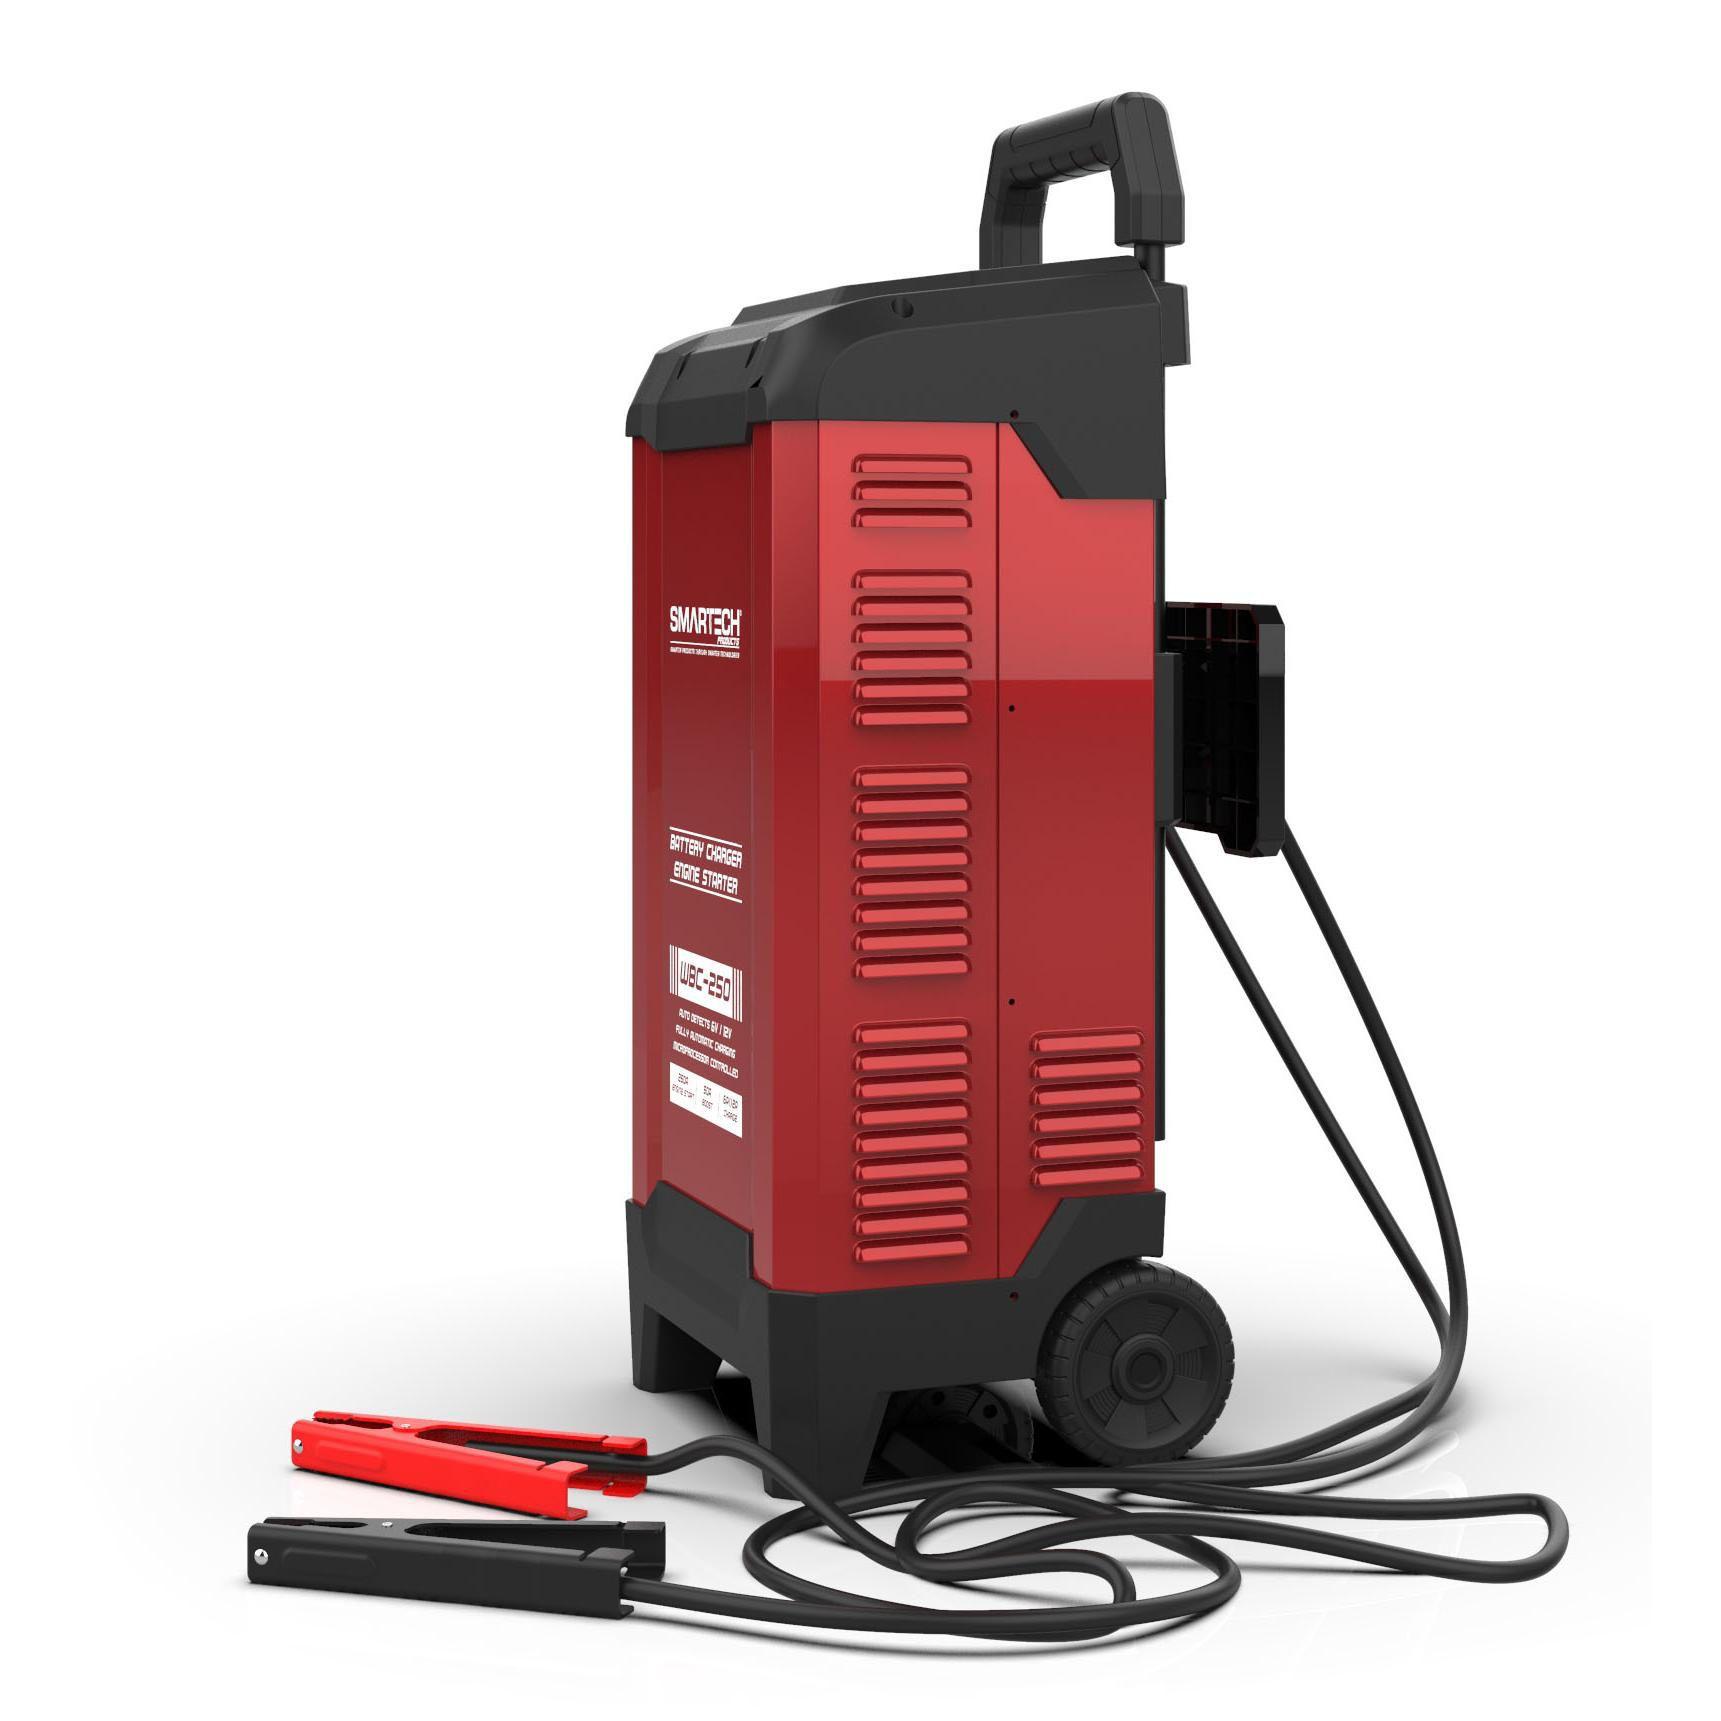 Smartech WBC200 6V/12V Wheel Automotive Battery Charger